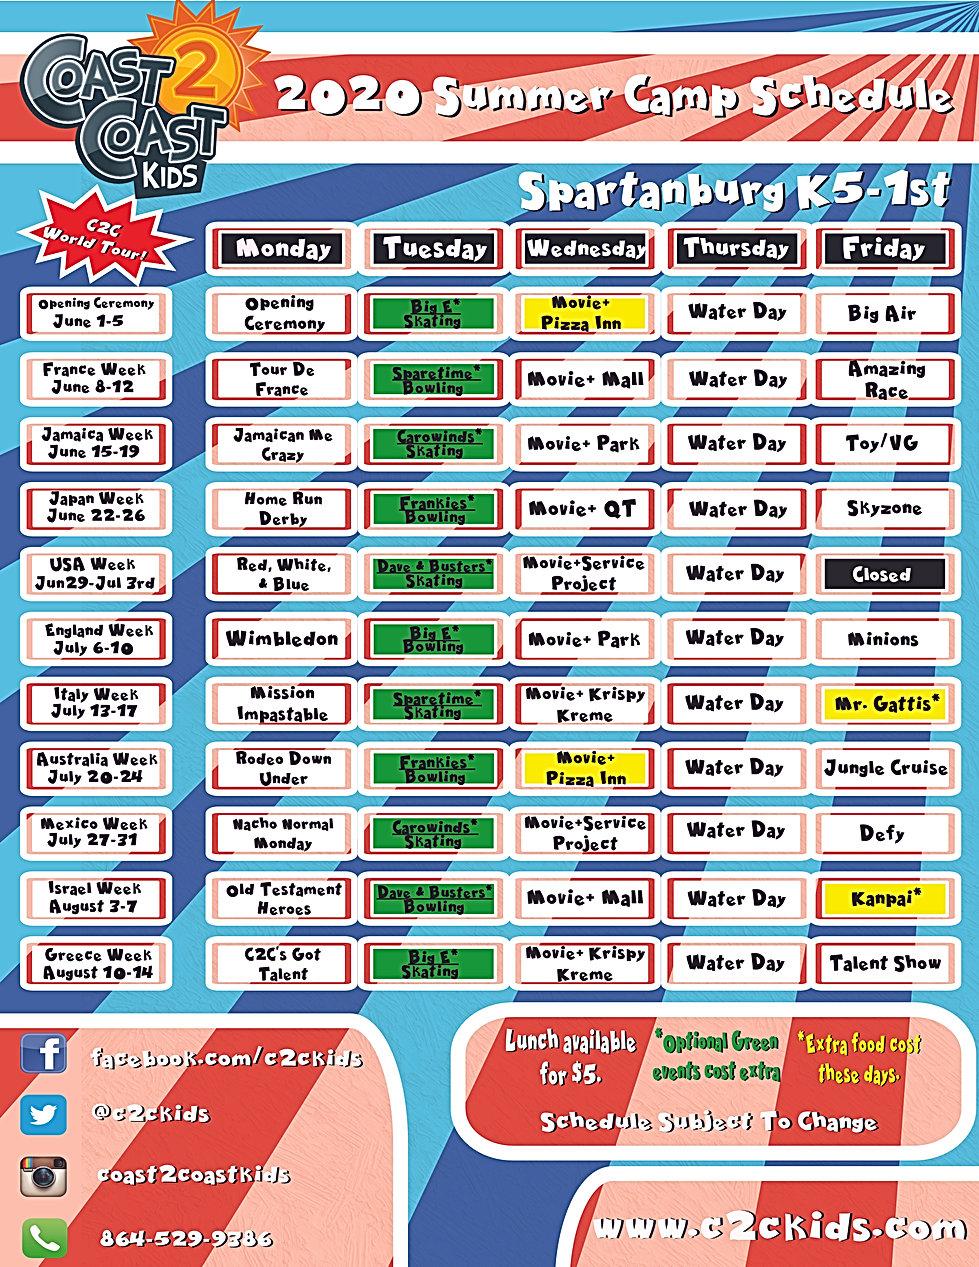 K-1st Spartanburg Schedule.jpg